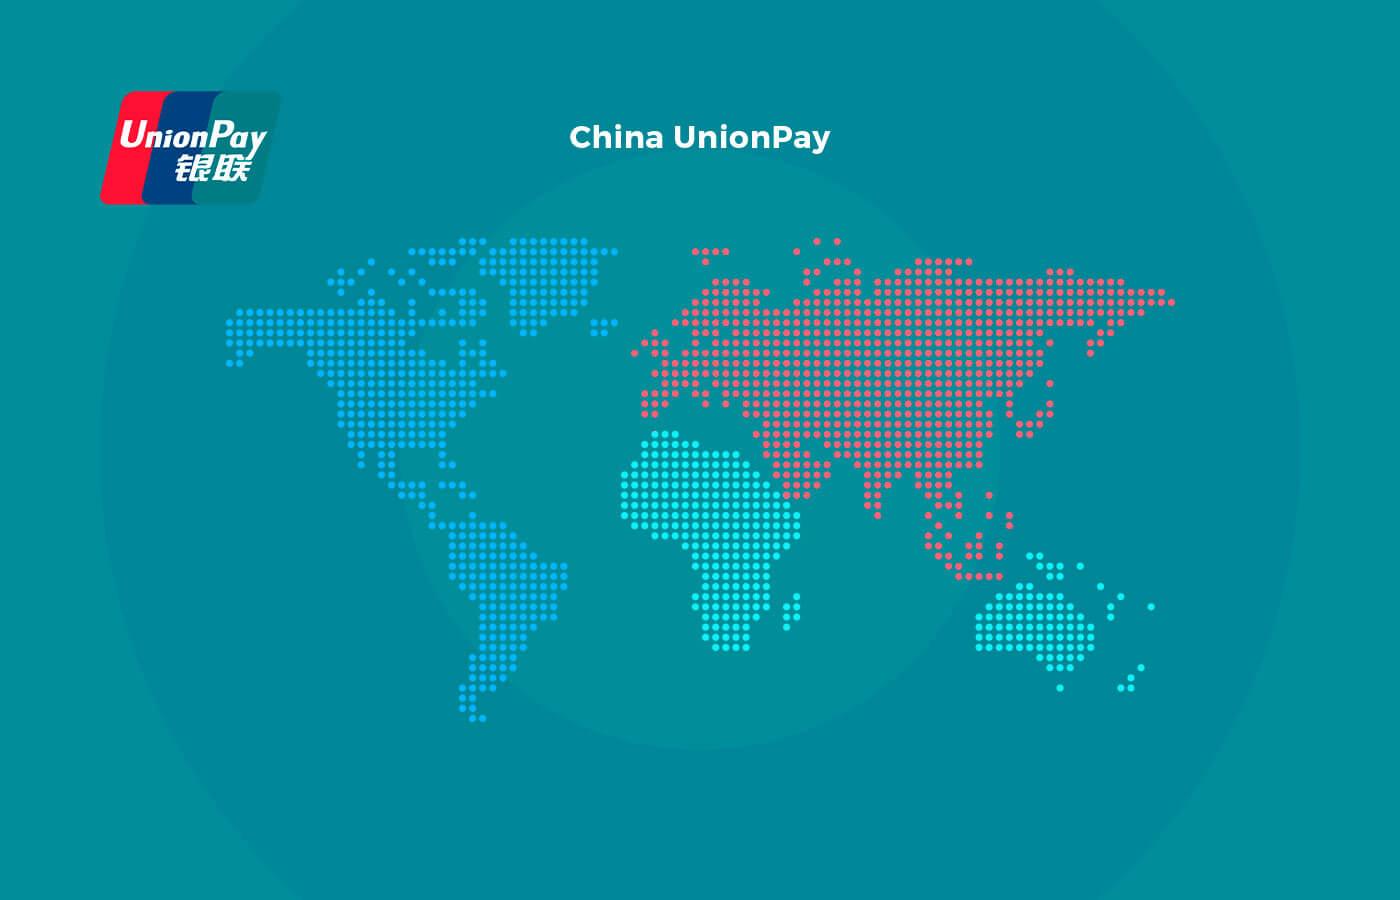 China UnionPay outside China